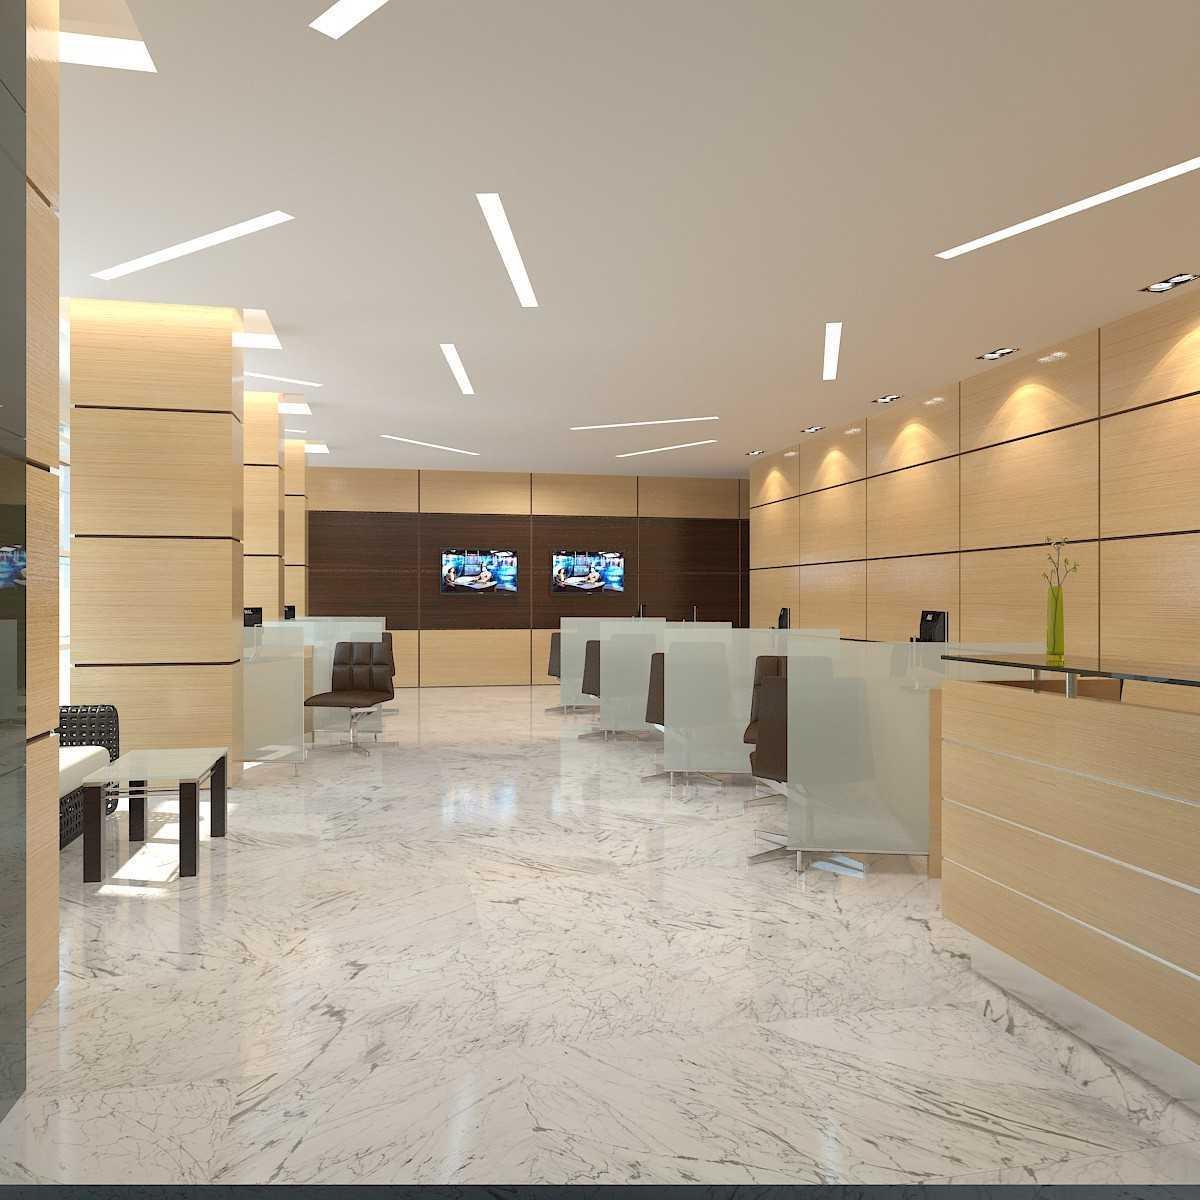 Jr Design Kantor Bank Bni West Jakarta, Kebon Jeruk, West Jakarta City, Jakarta, Indonesia West Jakarta, Kebon Jeruk, West Jakarta City, Jakarta, Indonesia Img0523 Modern  32057